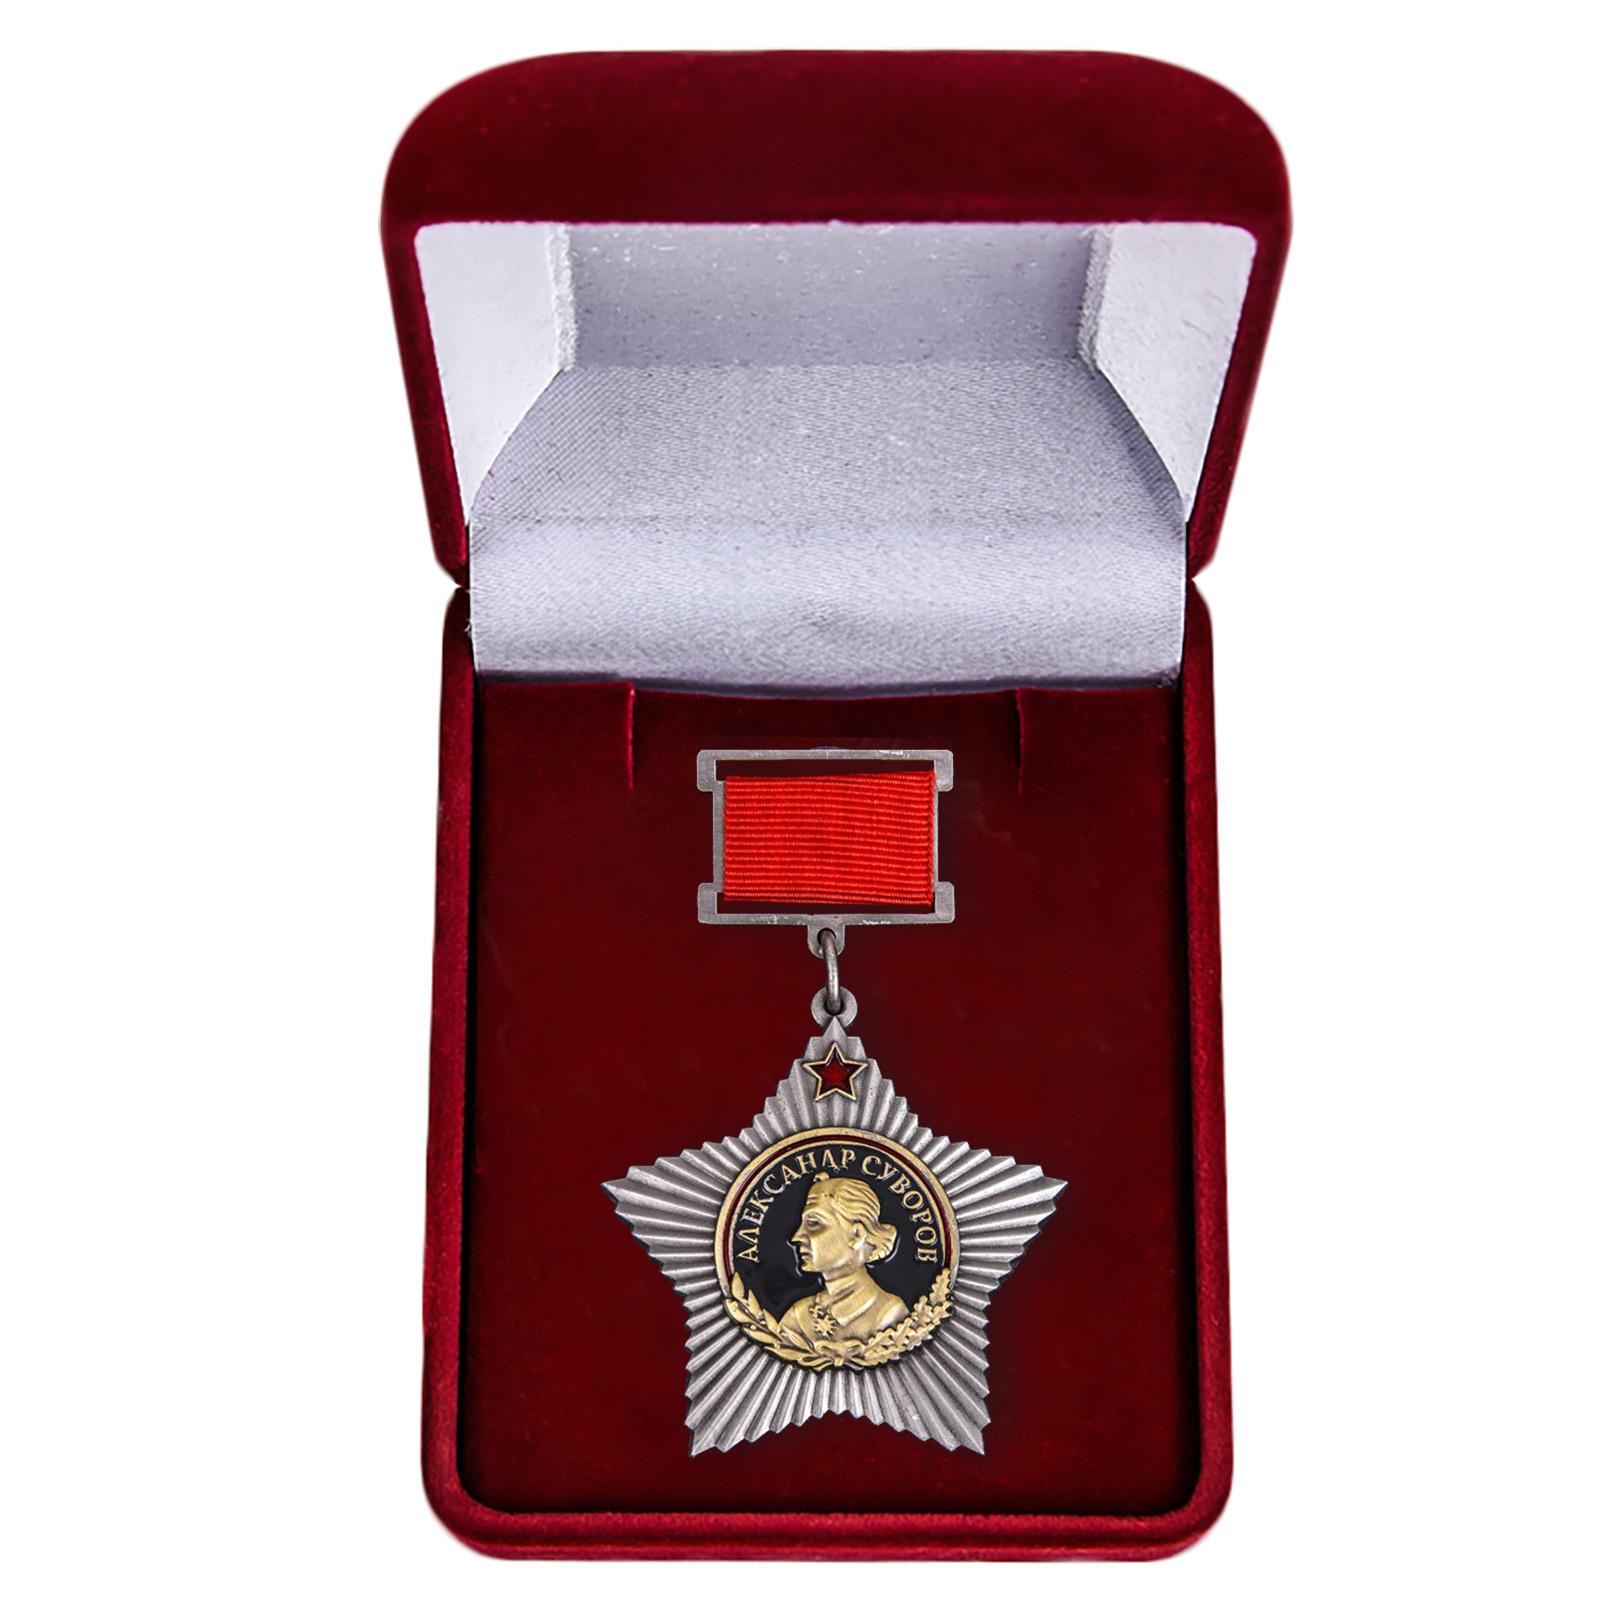 Орден Суворова 1-й степени - муляж в отличном качестве